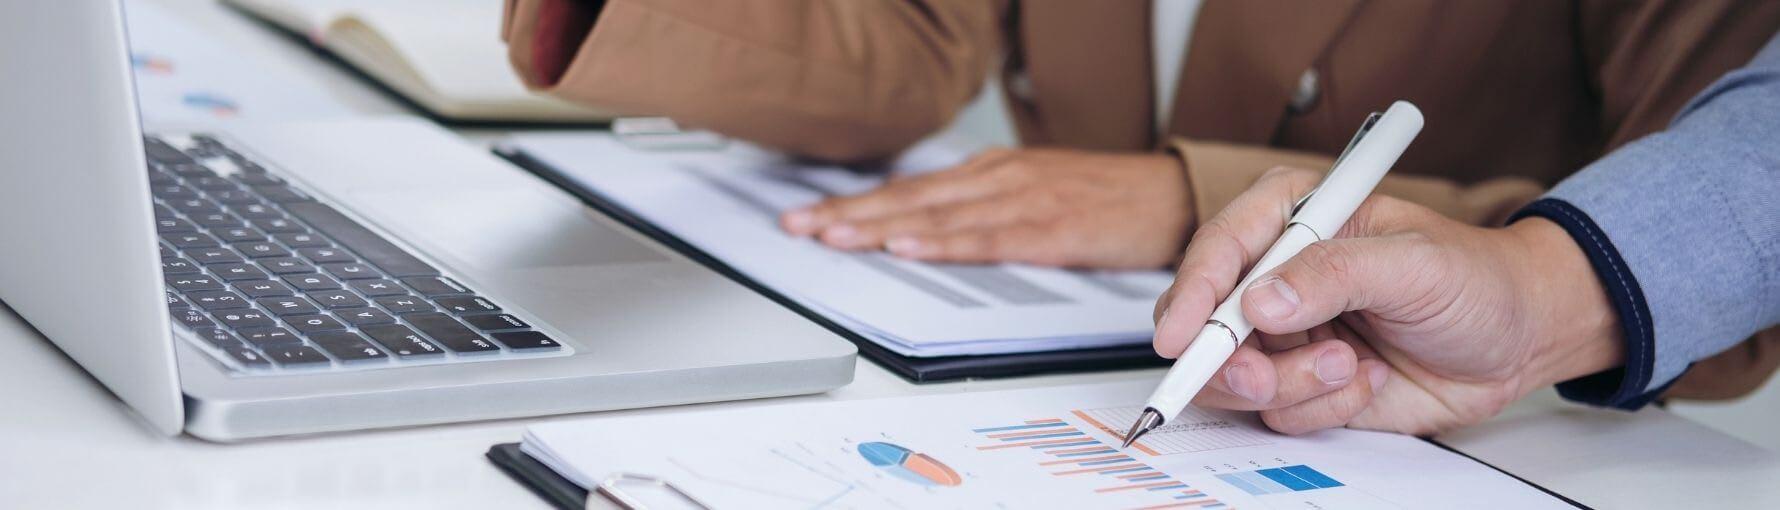 serviços-de-consultoria-empresarial (1)